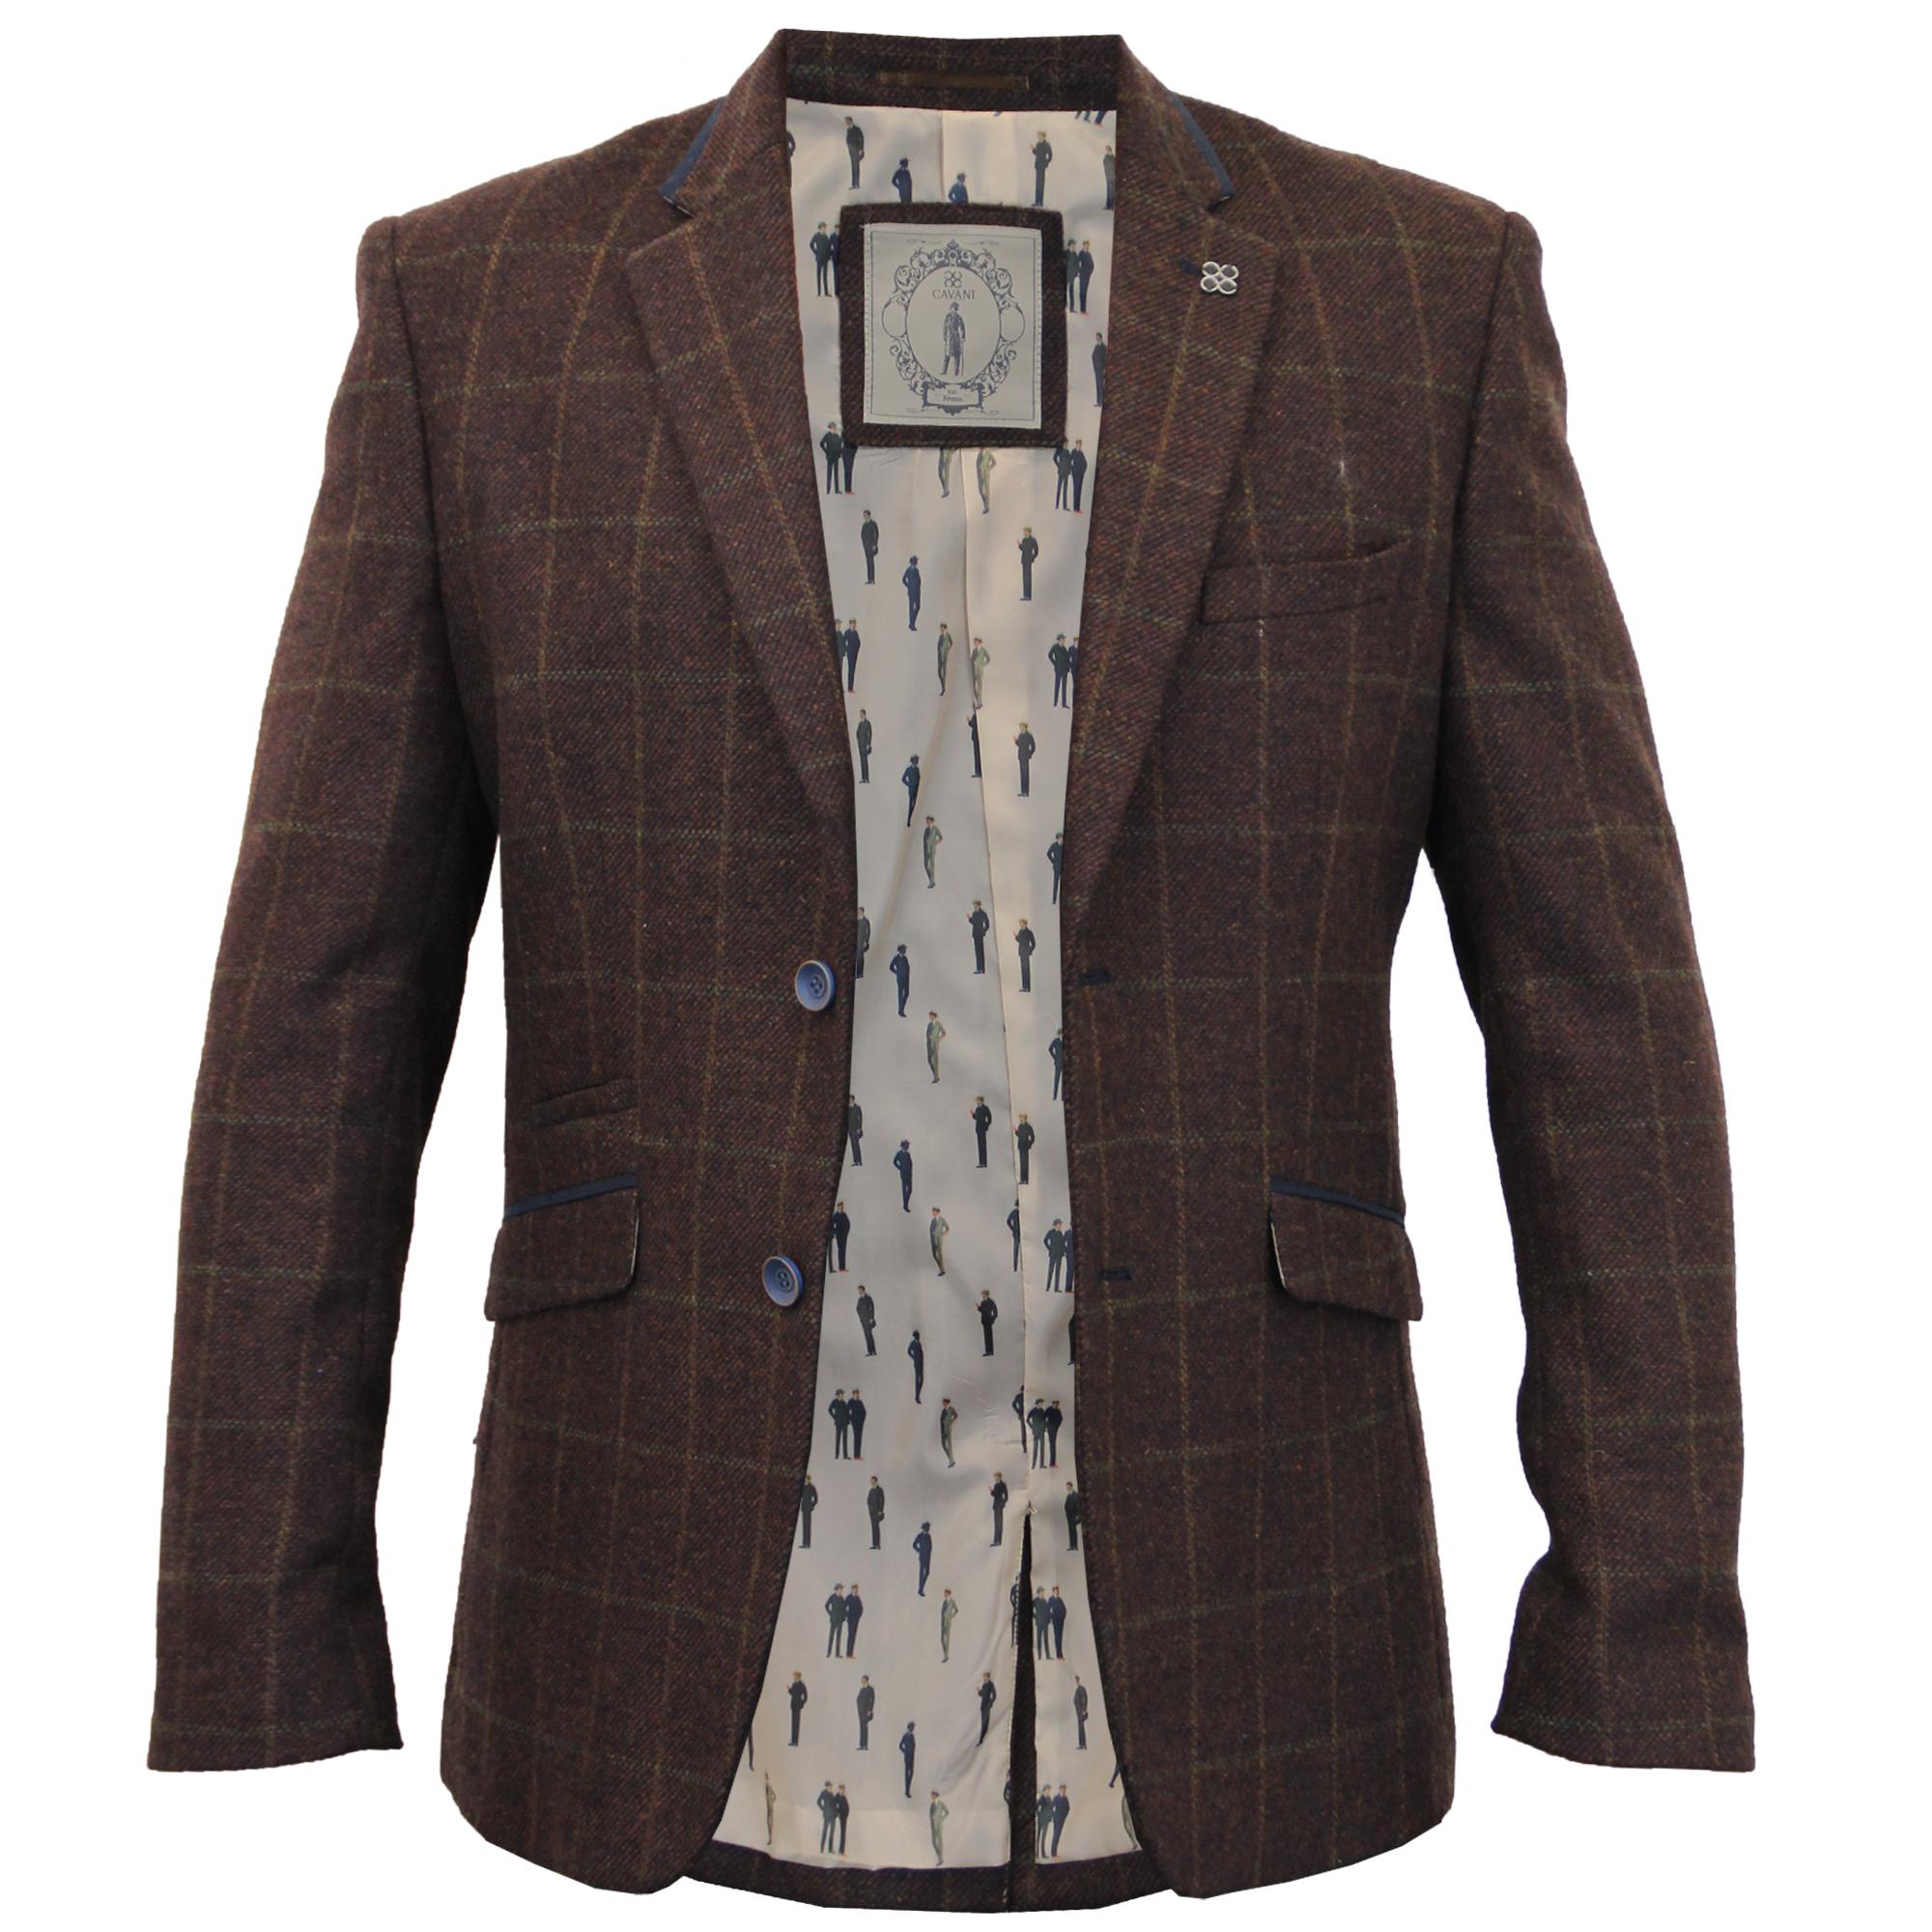 Mens-Blazer-Cavani-Coat-Dinner-Suit-Jacket-Herringbone-Checked-Designer-Lined thumbnail 3